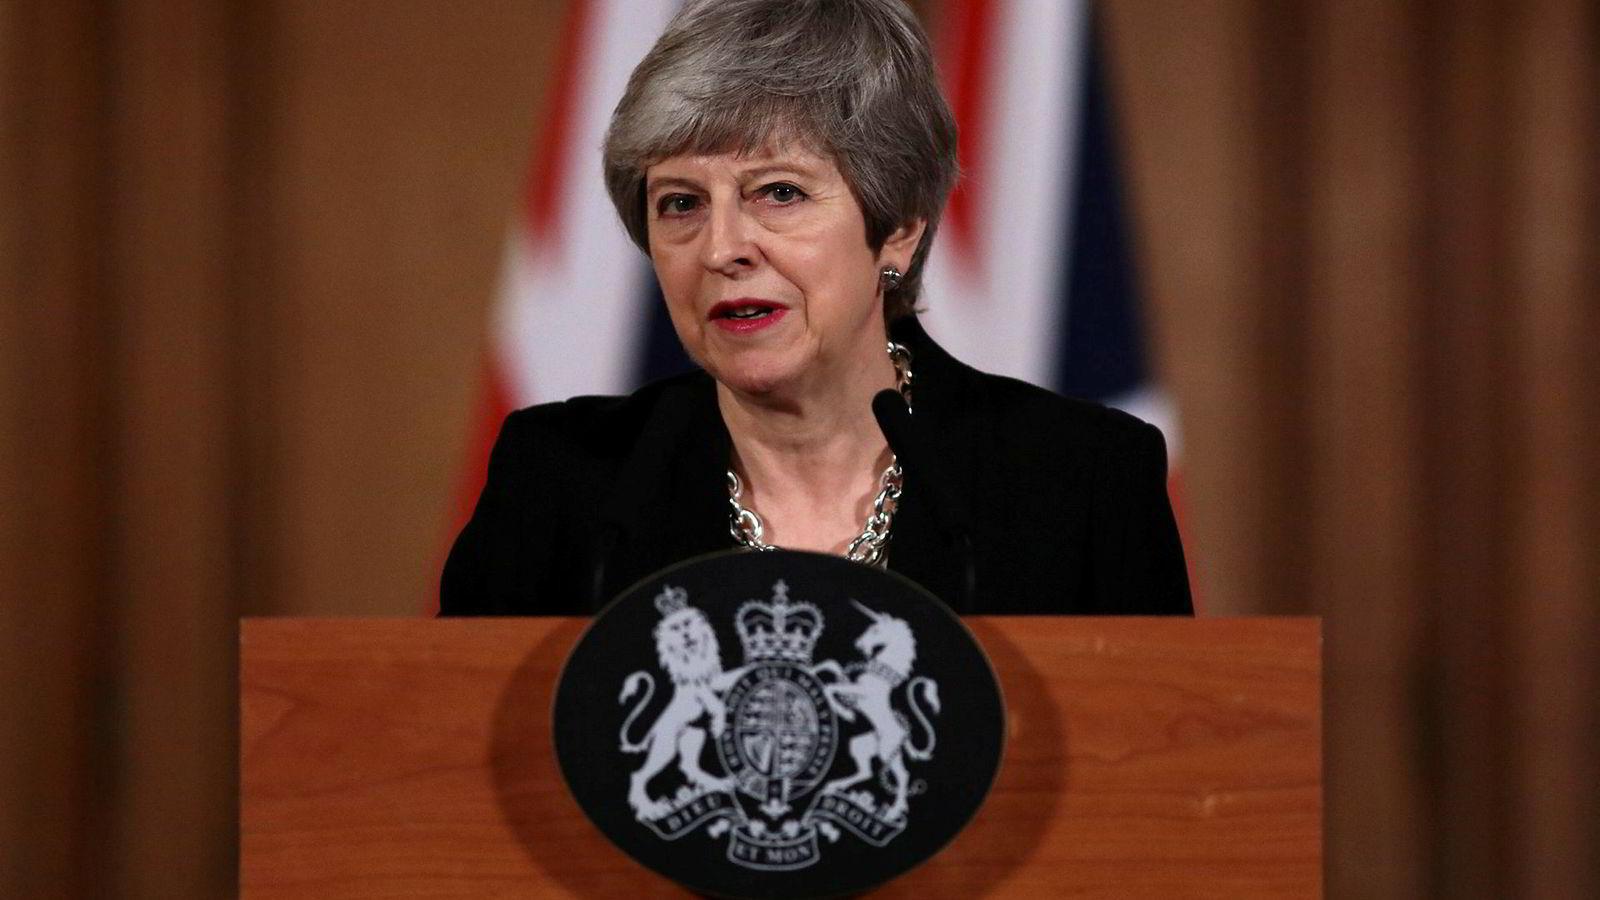 Statsminister Theresa May håper nå på drahjelp fra opposisjonsleder Jeremy Corbyn